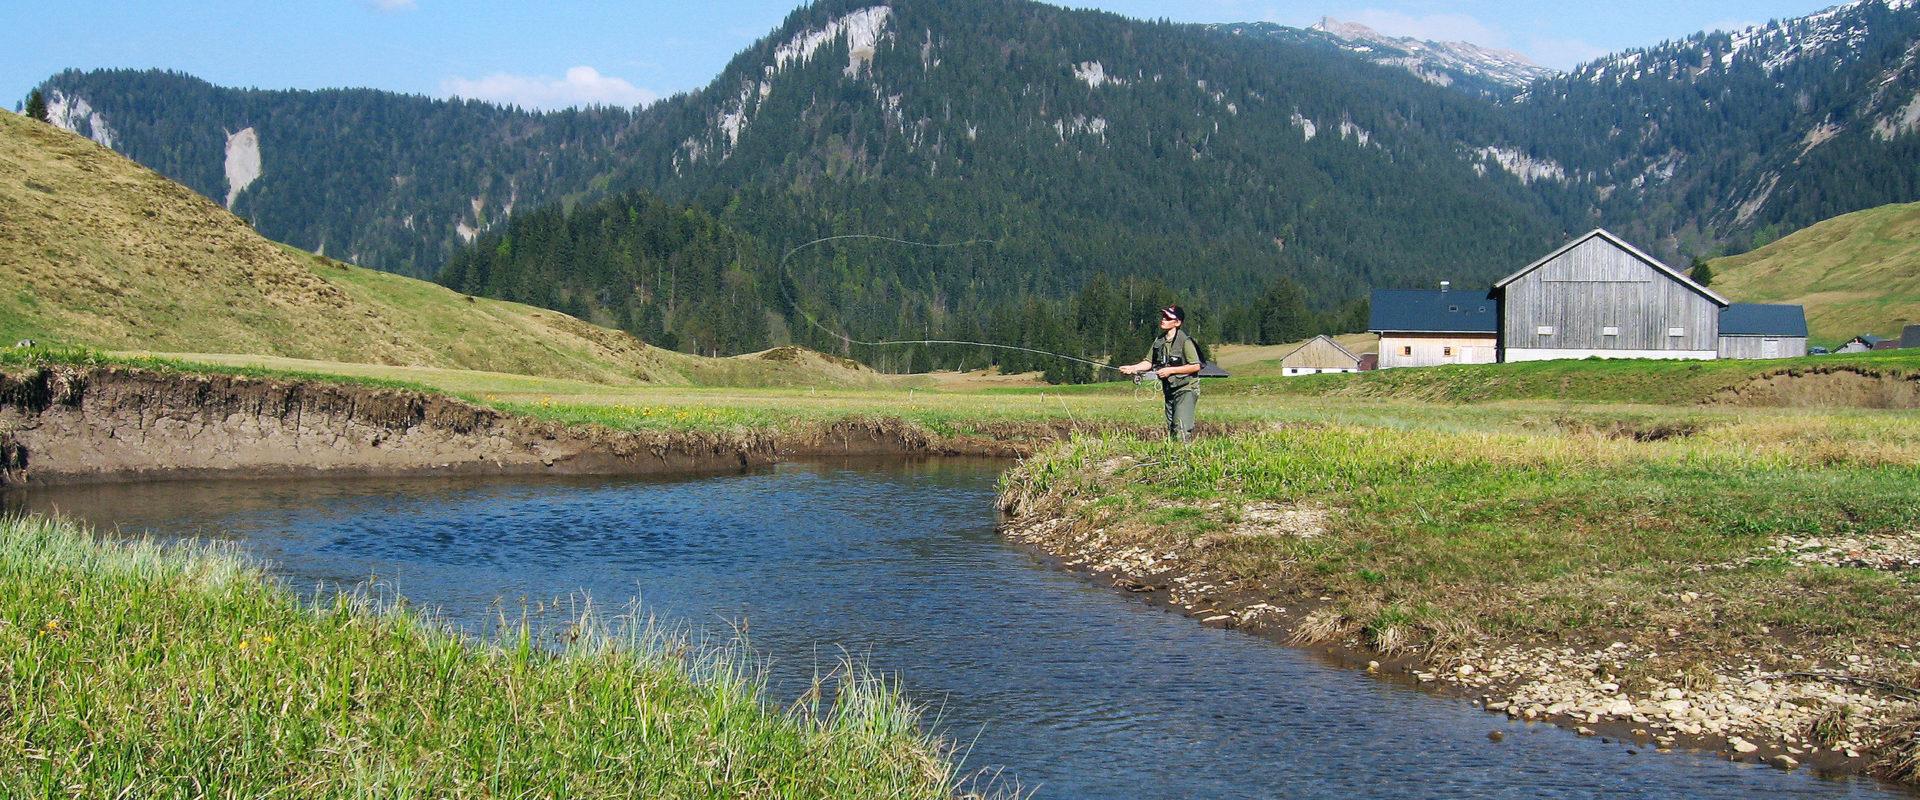 Fischen im Bregenzerwald © Michael Namberger / Bregenzerwald Tourismus